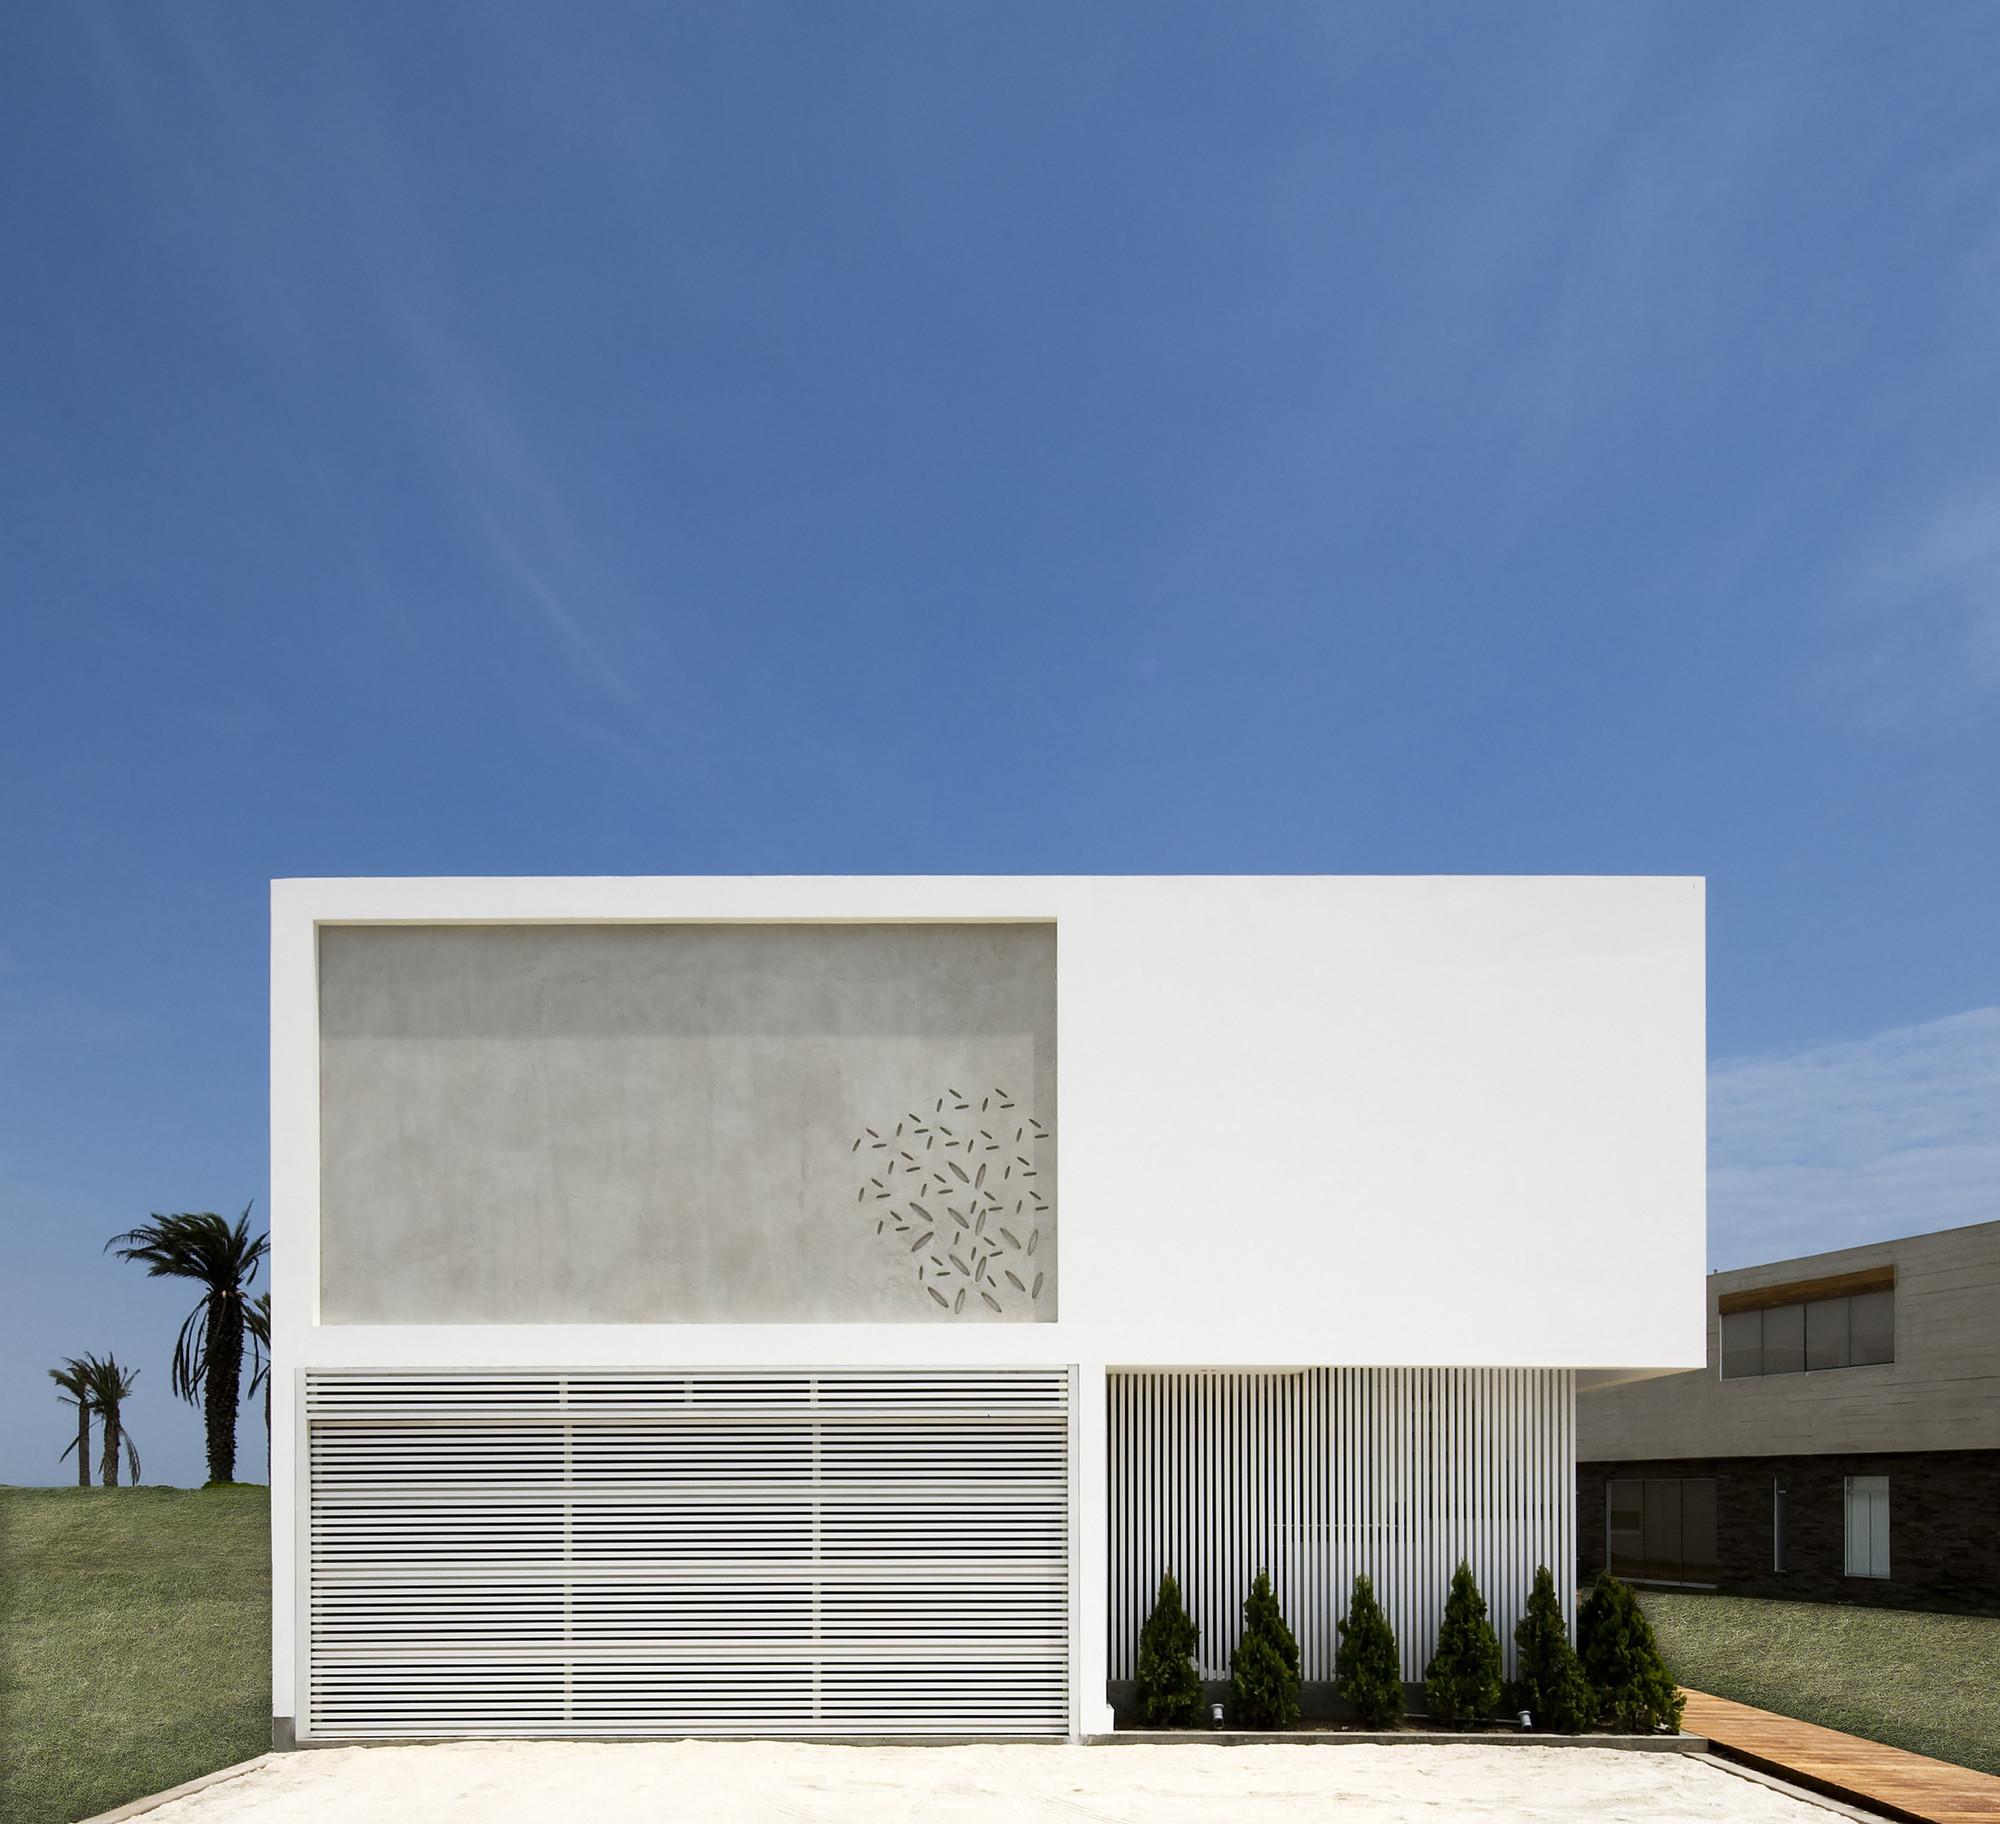 Galer a de casa v estudio 6 arquitectos 1 - Estudio 3 arquitectos ...